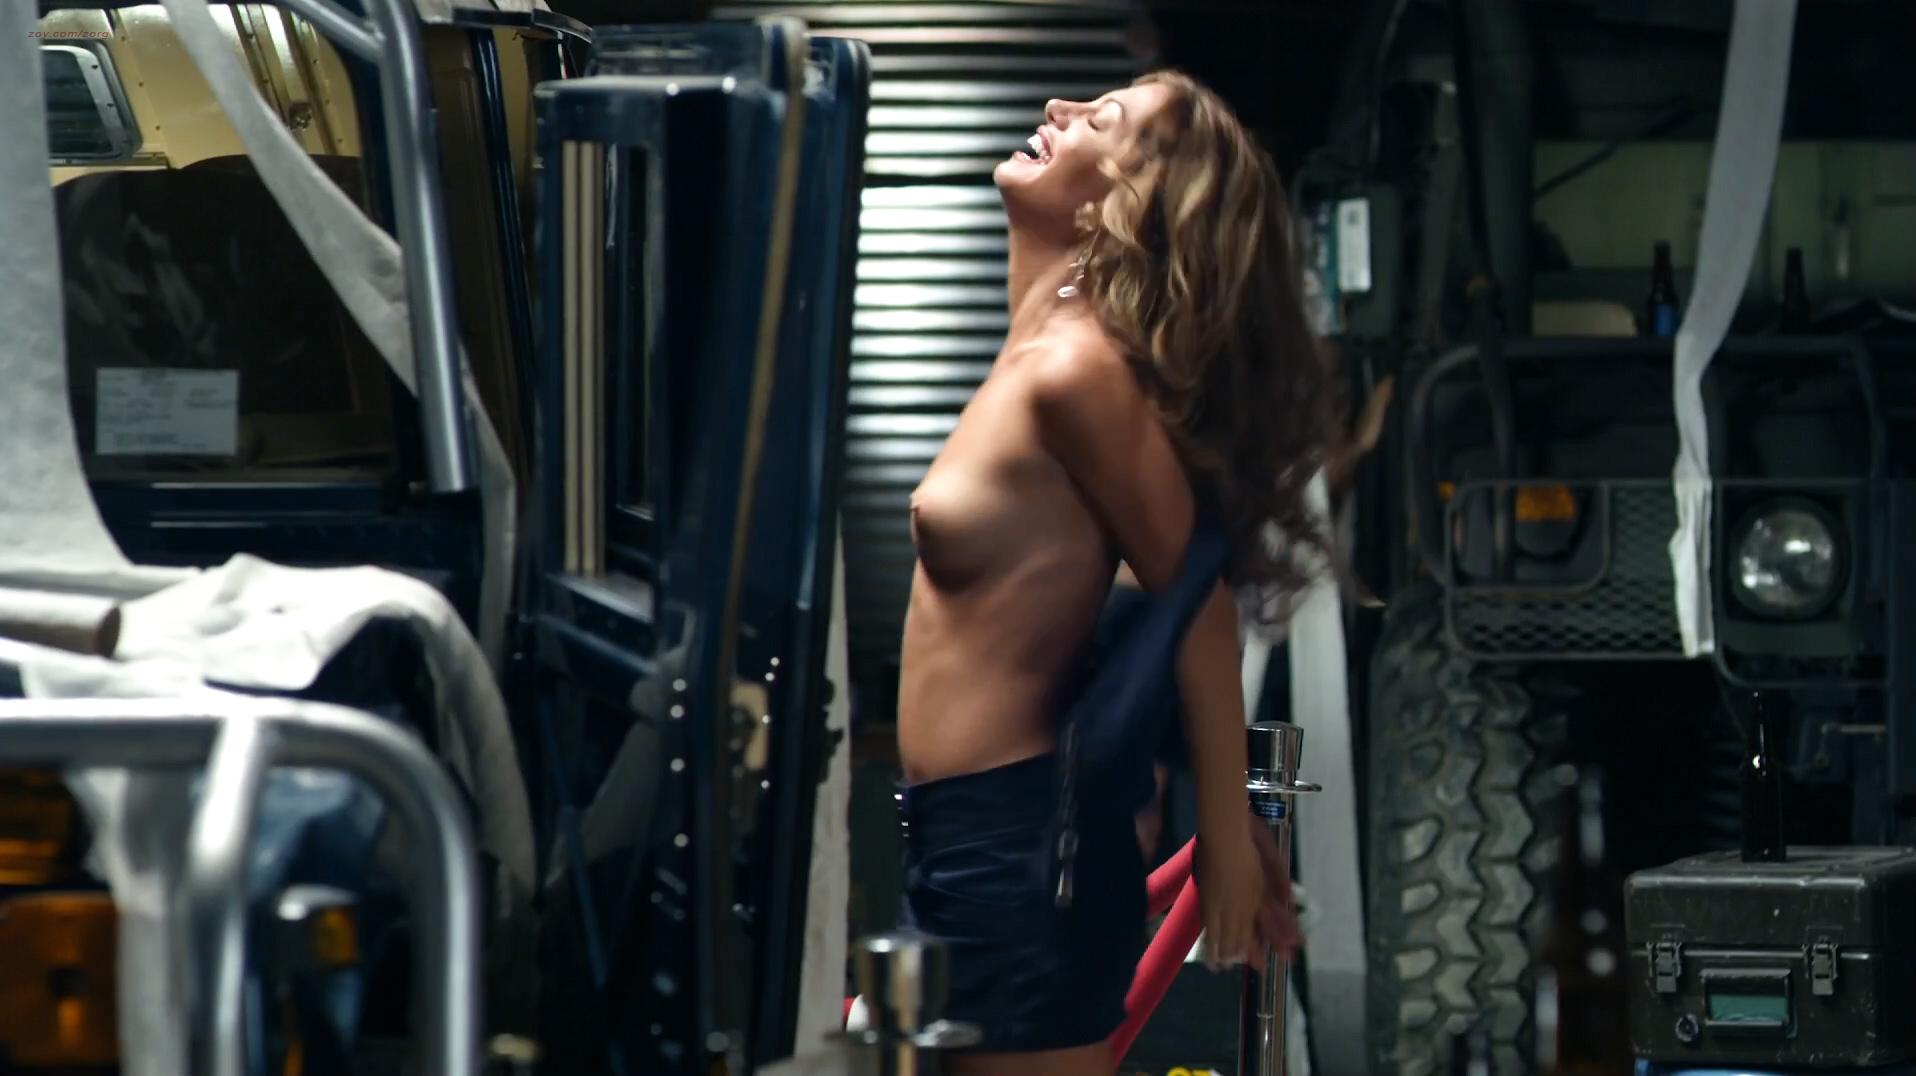 Kristin Cavallari Cameltoe Hard Nipples In A Bikini